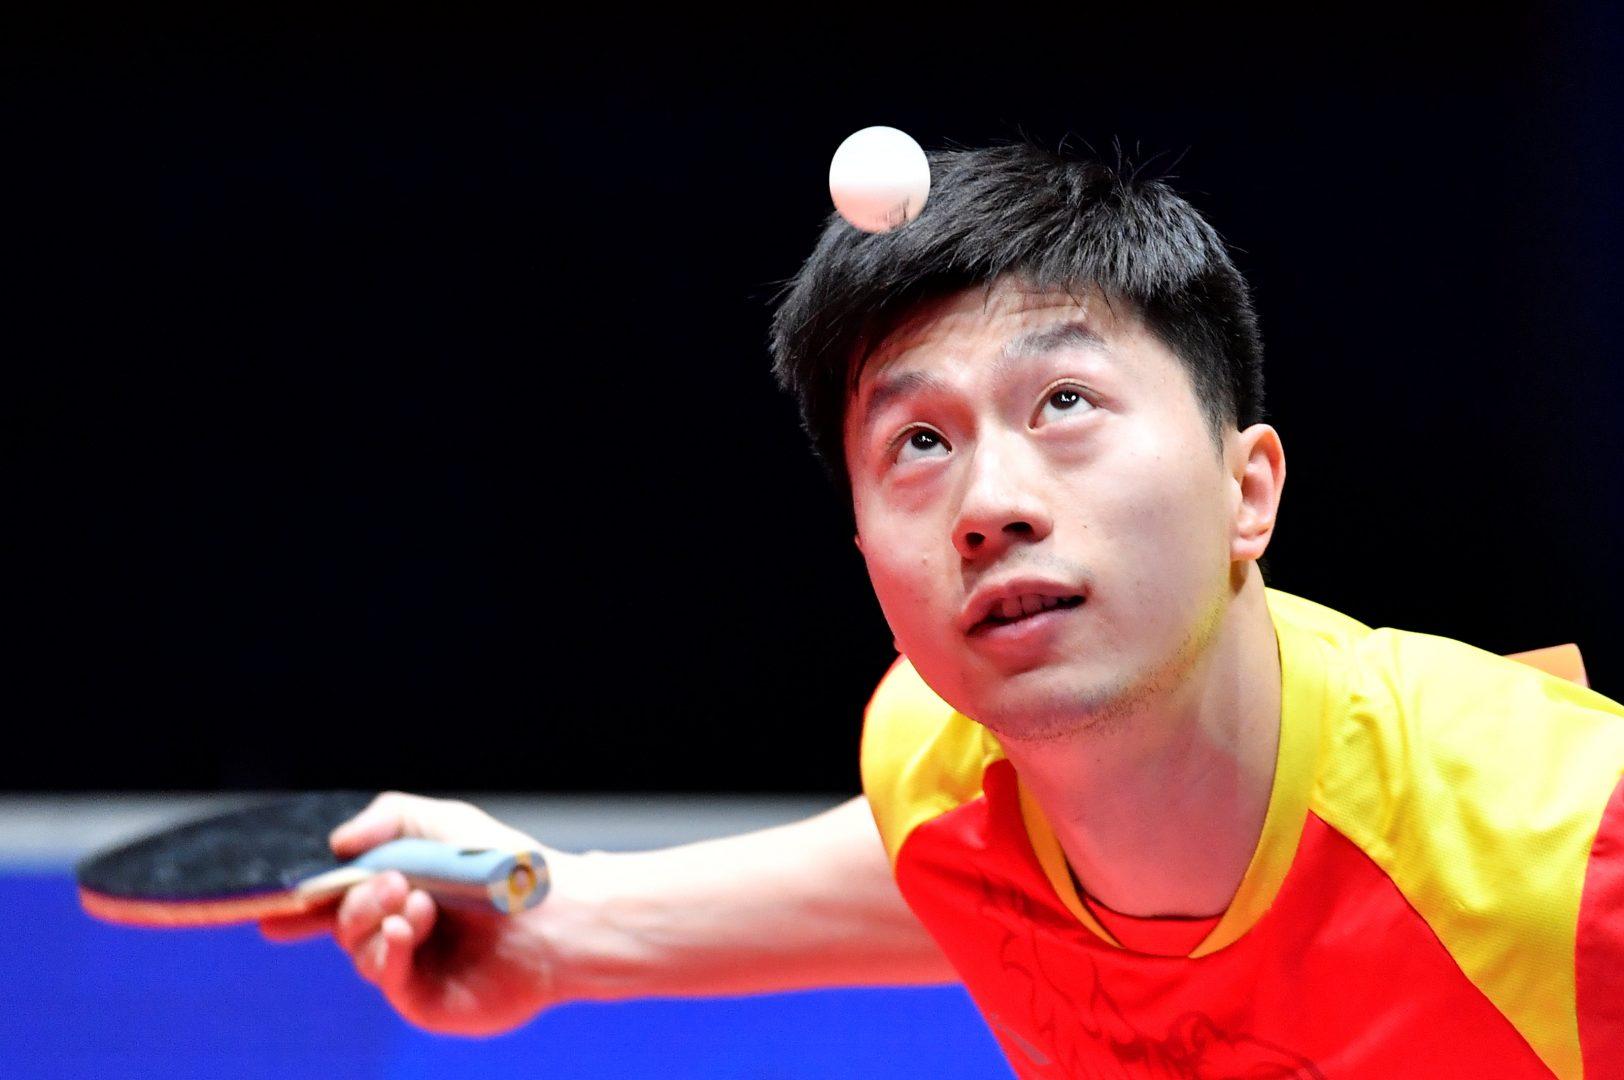 【卓球】世界卓球、中国代表が発表 元世界ランク1位の朱雨玲が代表落ち